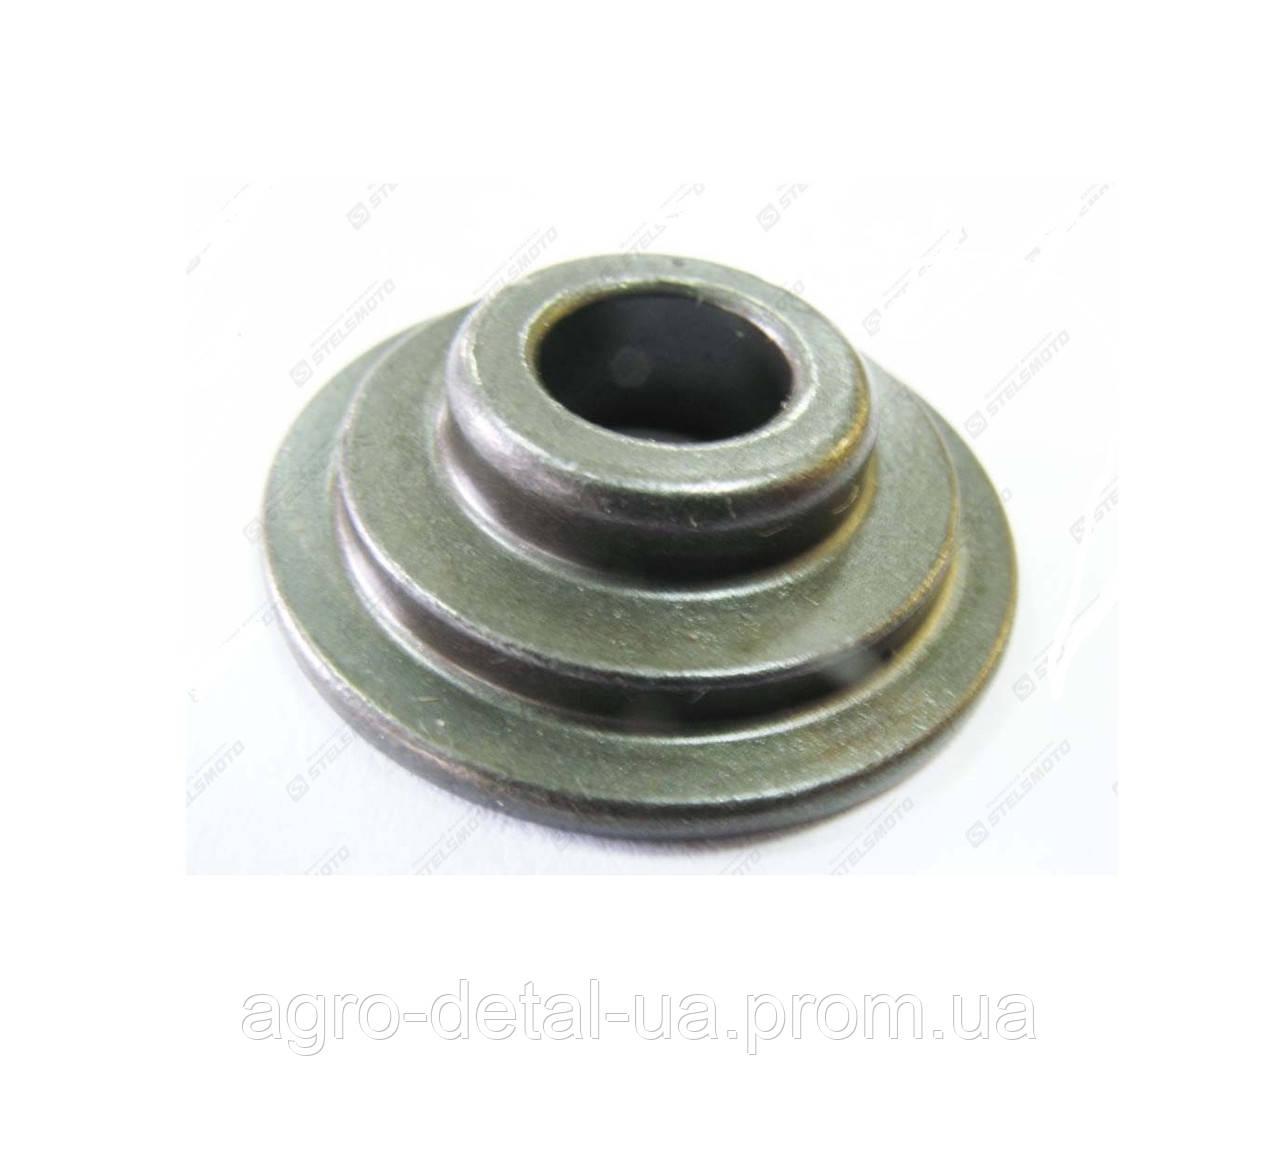 Тарелка 45-1007048 пружины клапана газораспределительного механизма двигателя Д 65